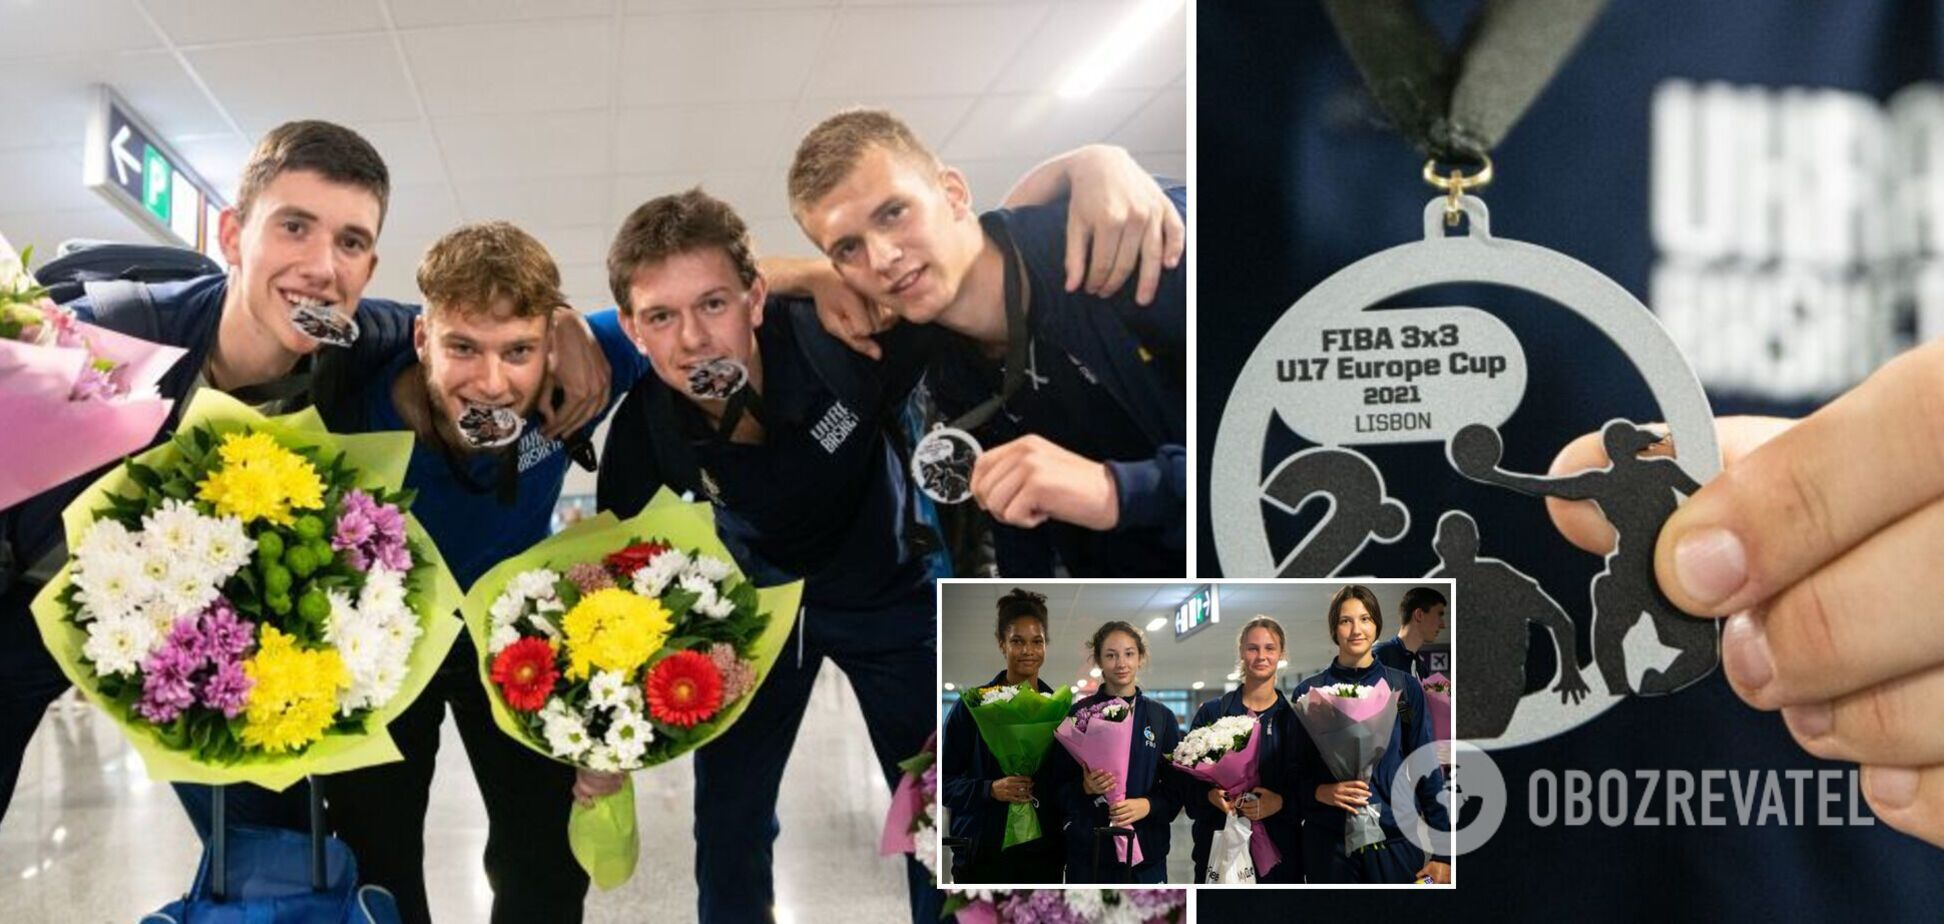 В Киеве встретили призеров юношеского чемпионата Европы по баскетболу 3х3